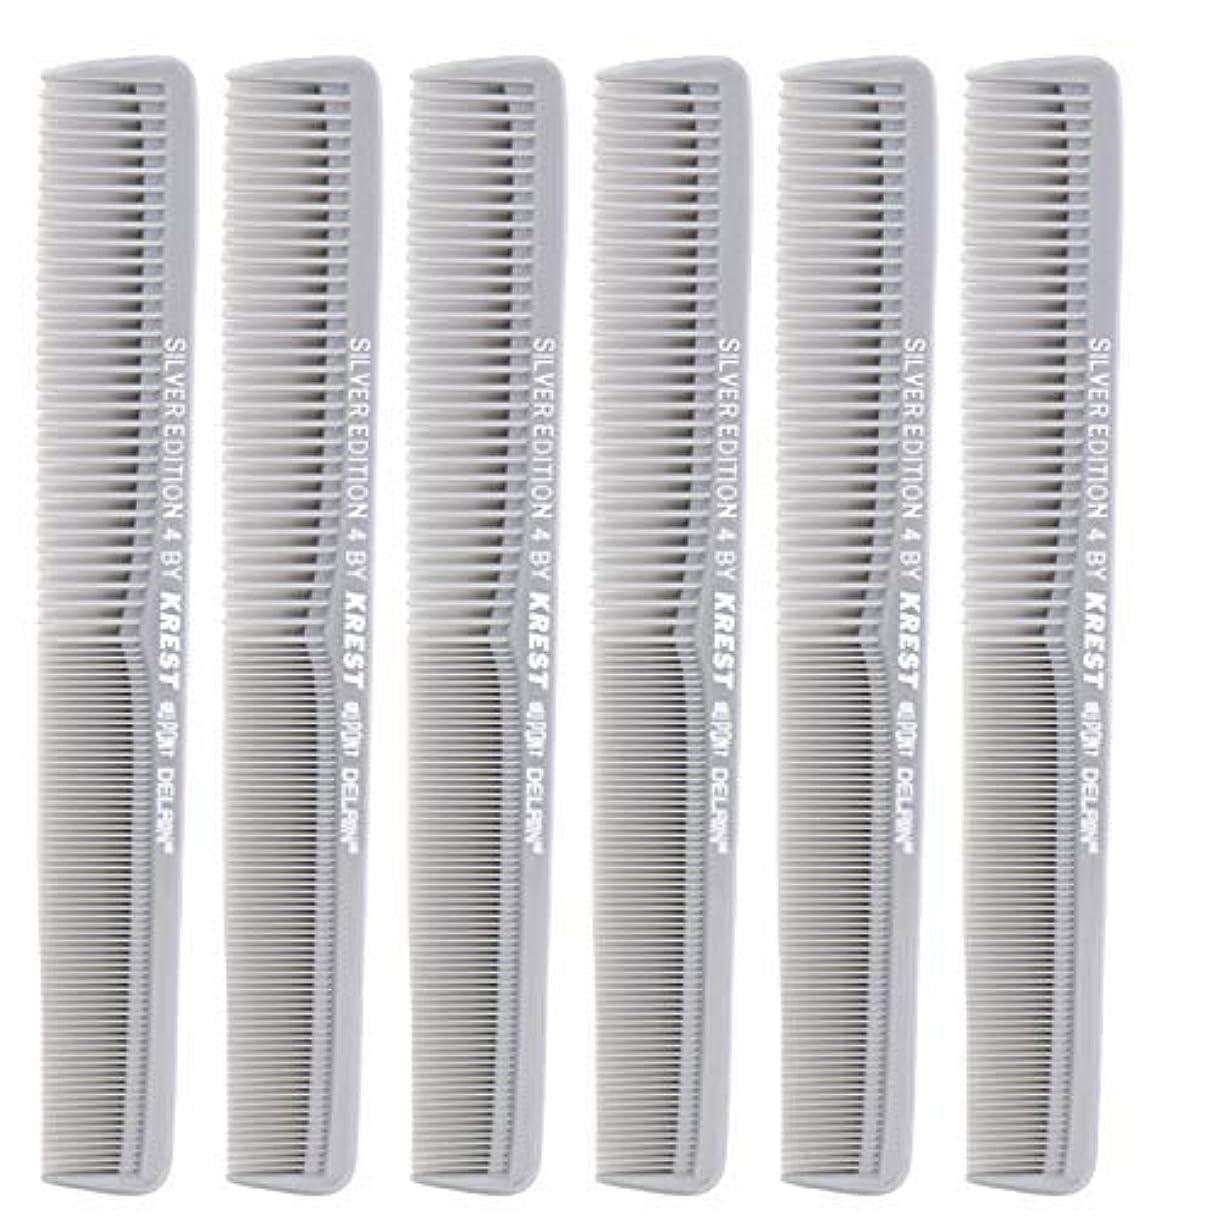 欠席できれば土曜日7 In. Silver Edition Heat Resistant All Purpose Hair Comb Model #4 Krest Comb, [並行輸入品]